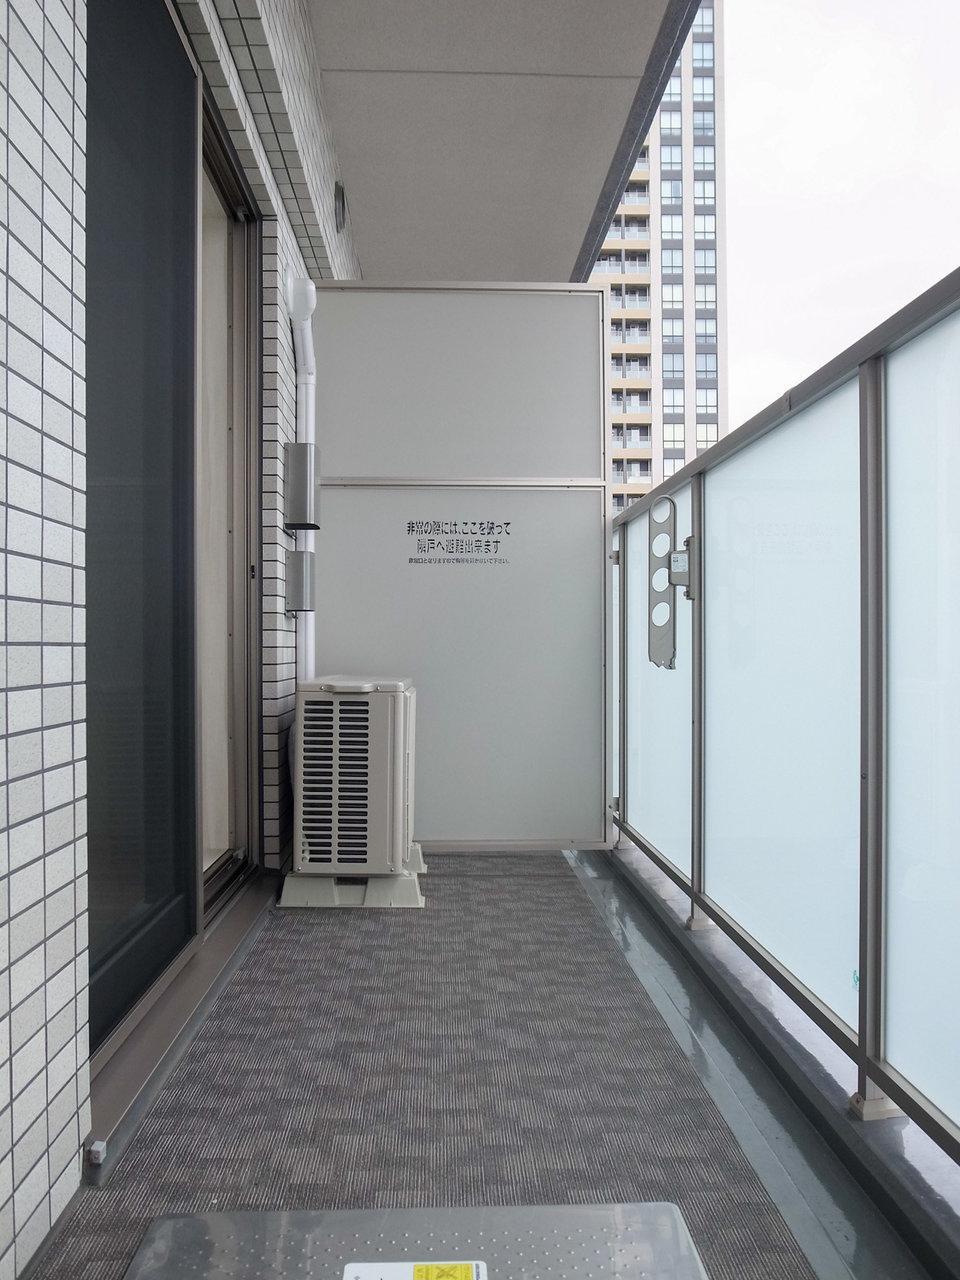 バルコニーも広めでした。12階のお部屋なので眺めも良いはずです。